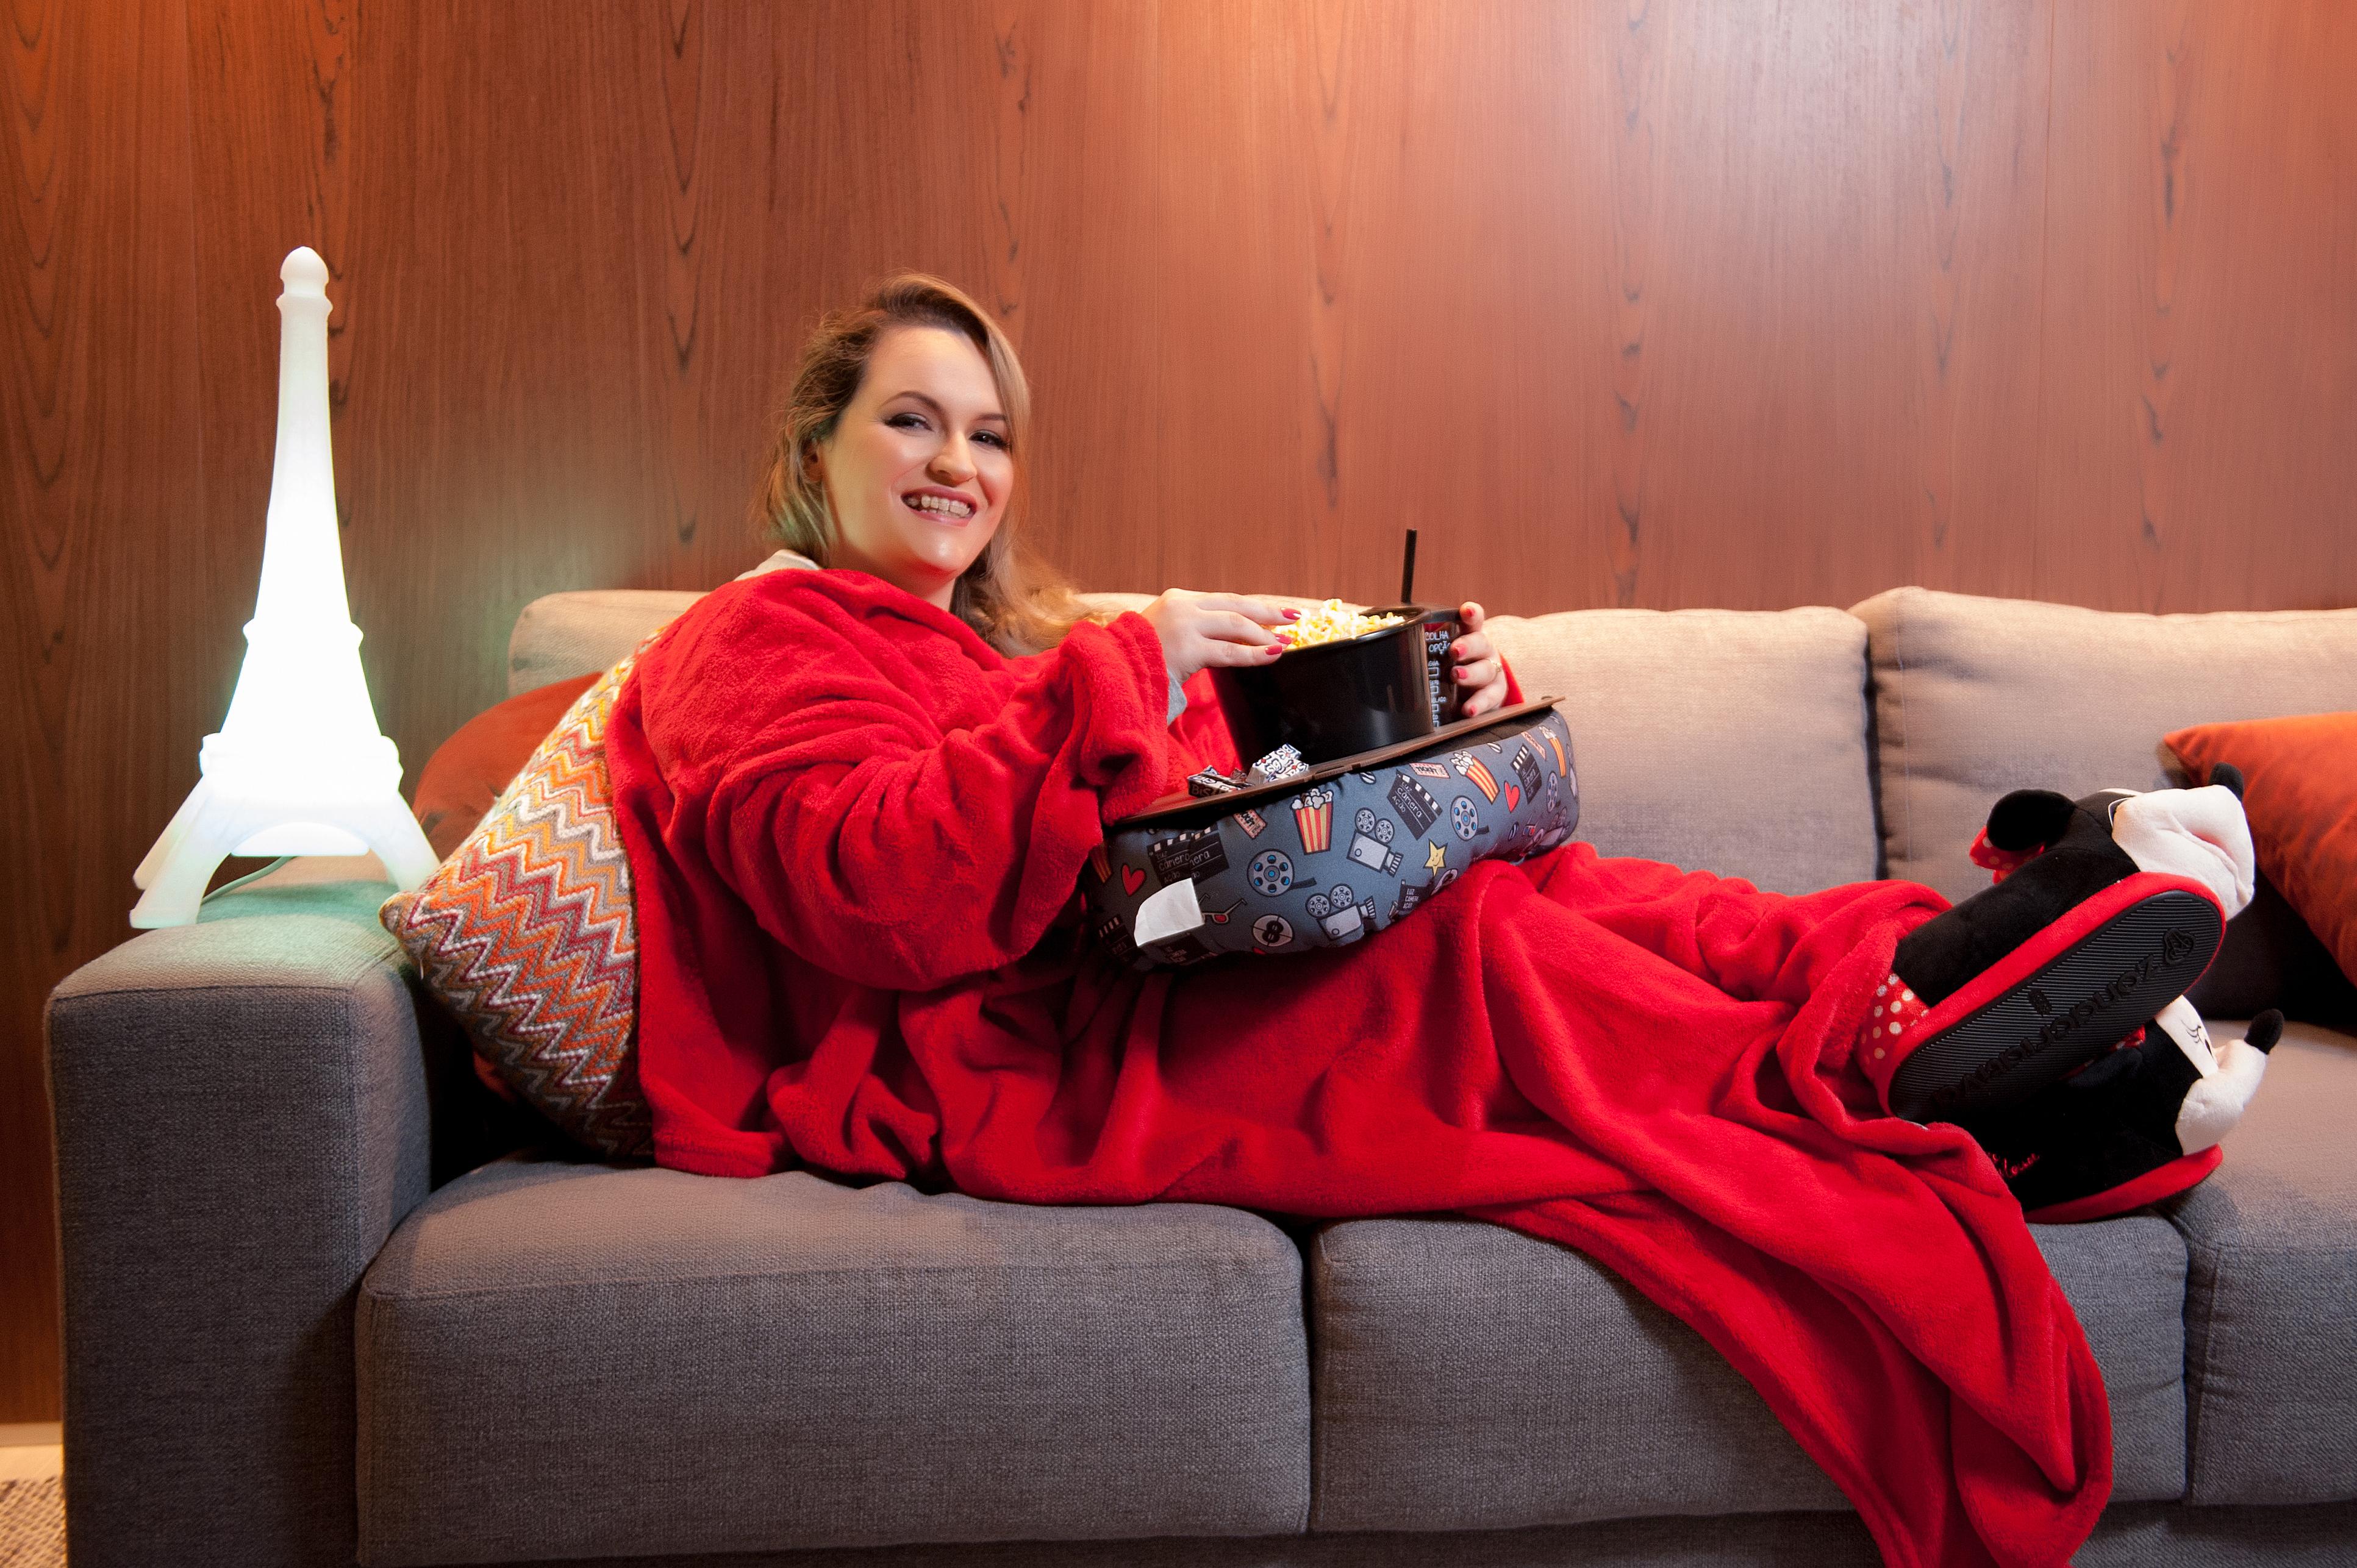 A imagem é de uma mulher deitada no sofá com cobertor e porta pipocas.